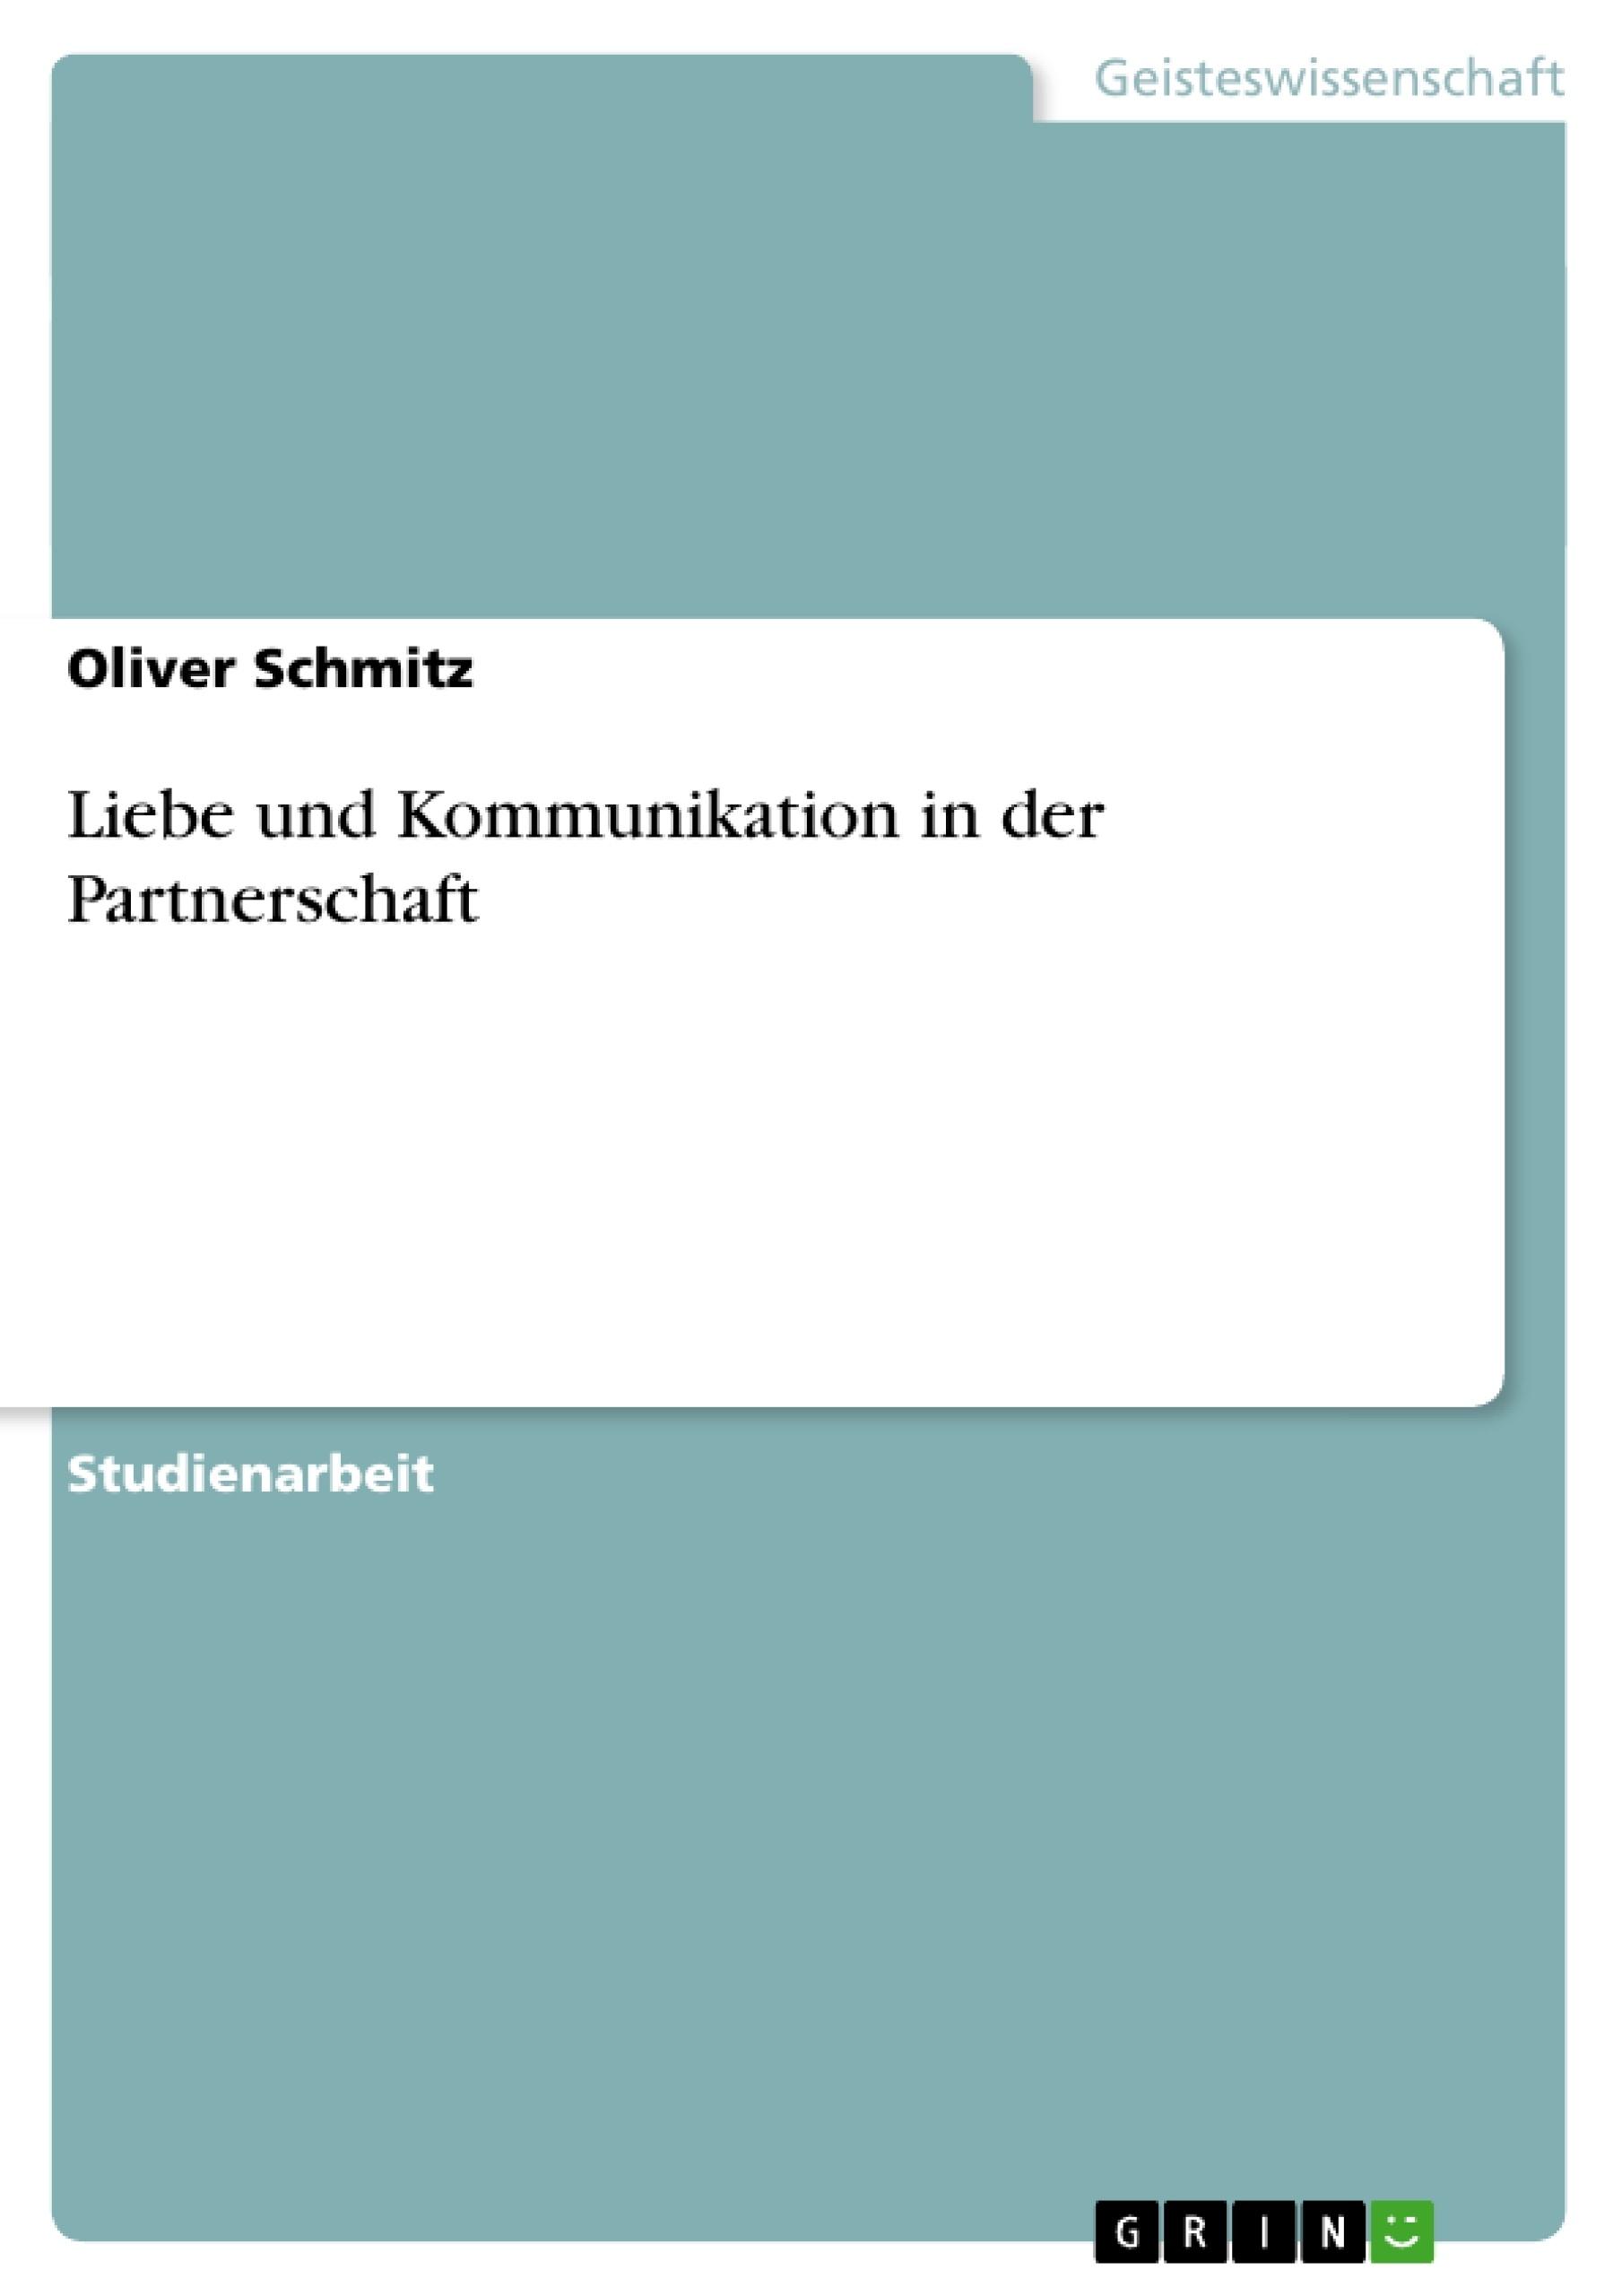 Titel: Liebe und Kommunikation in der Partnerschaft